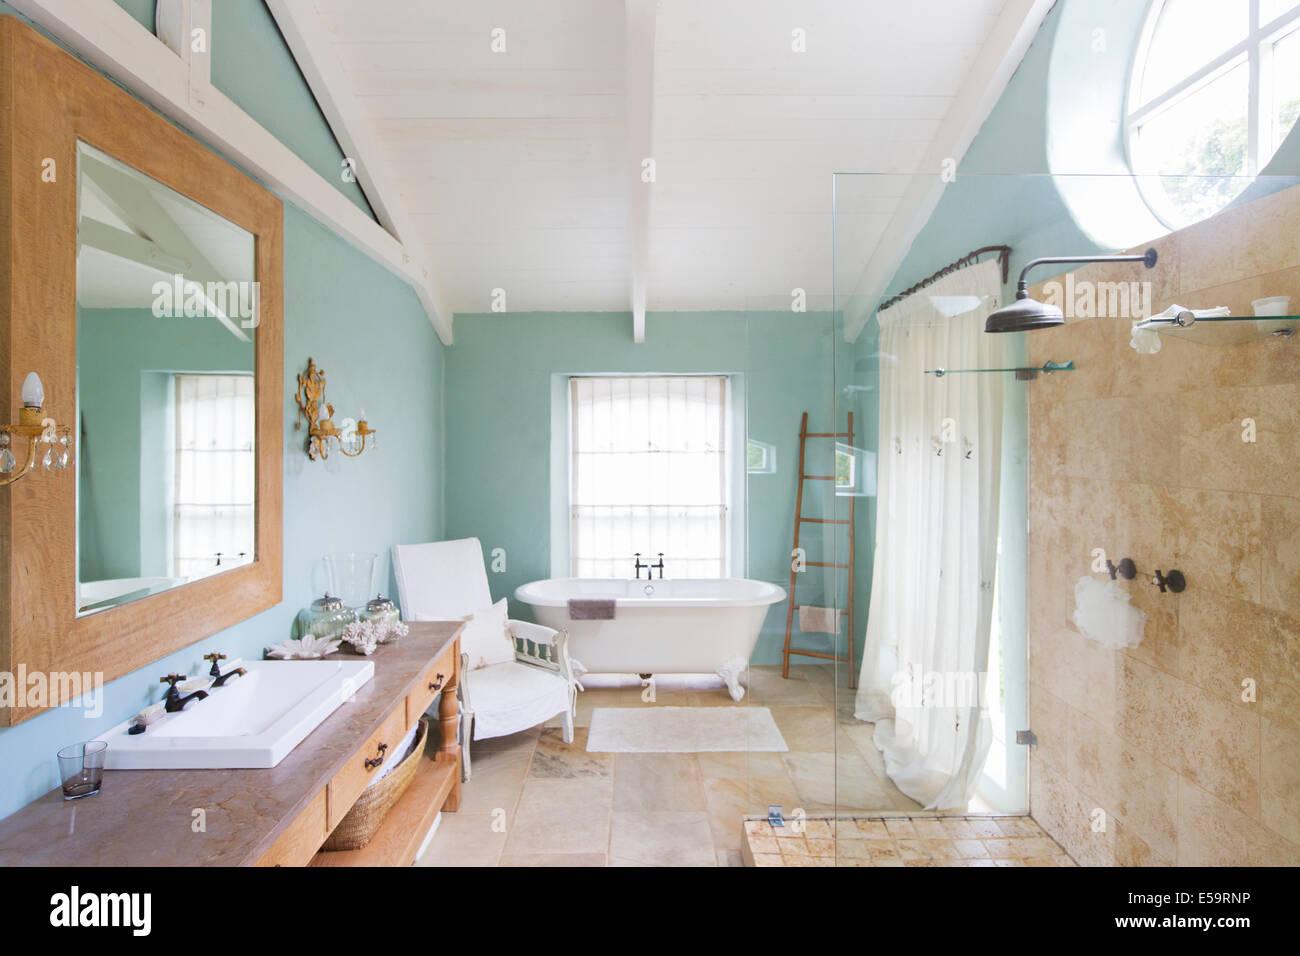 Badewanne Rustikal | Badewanne Und Dusche In Rustikale Badezimmer Stockfoto Bild